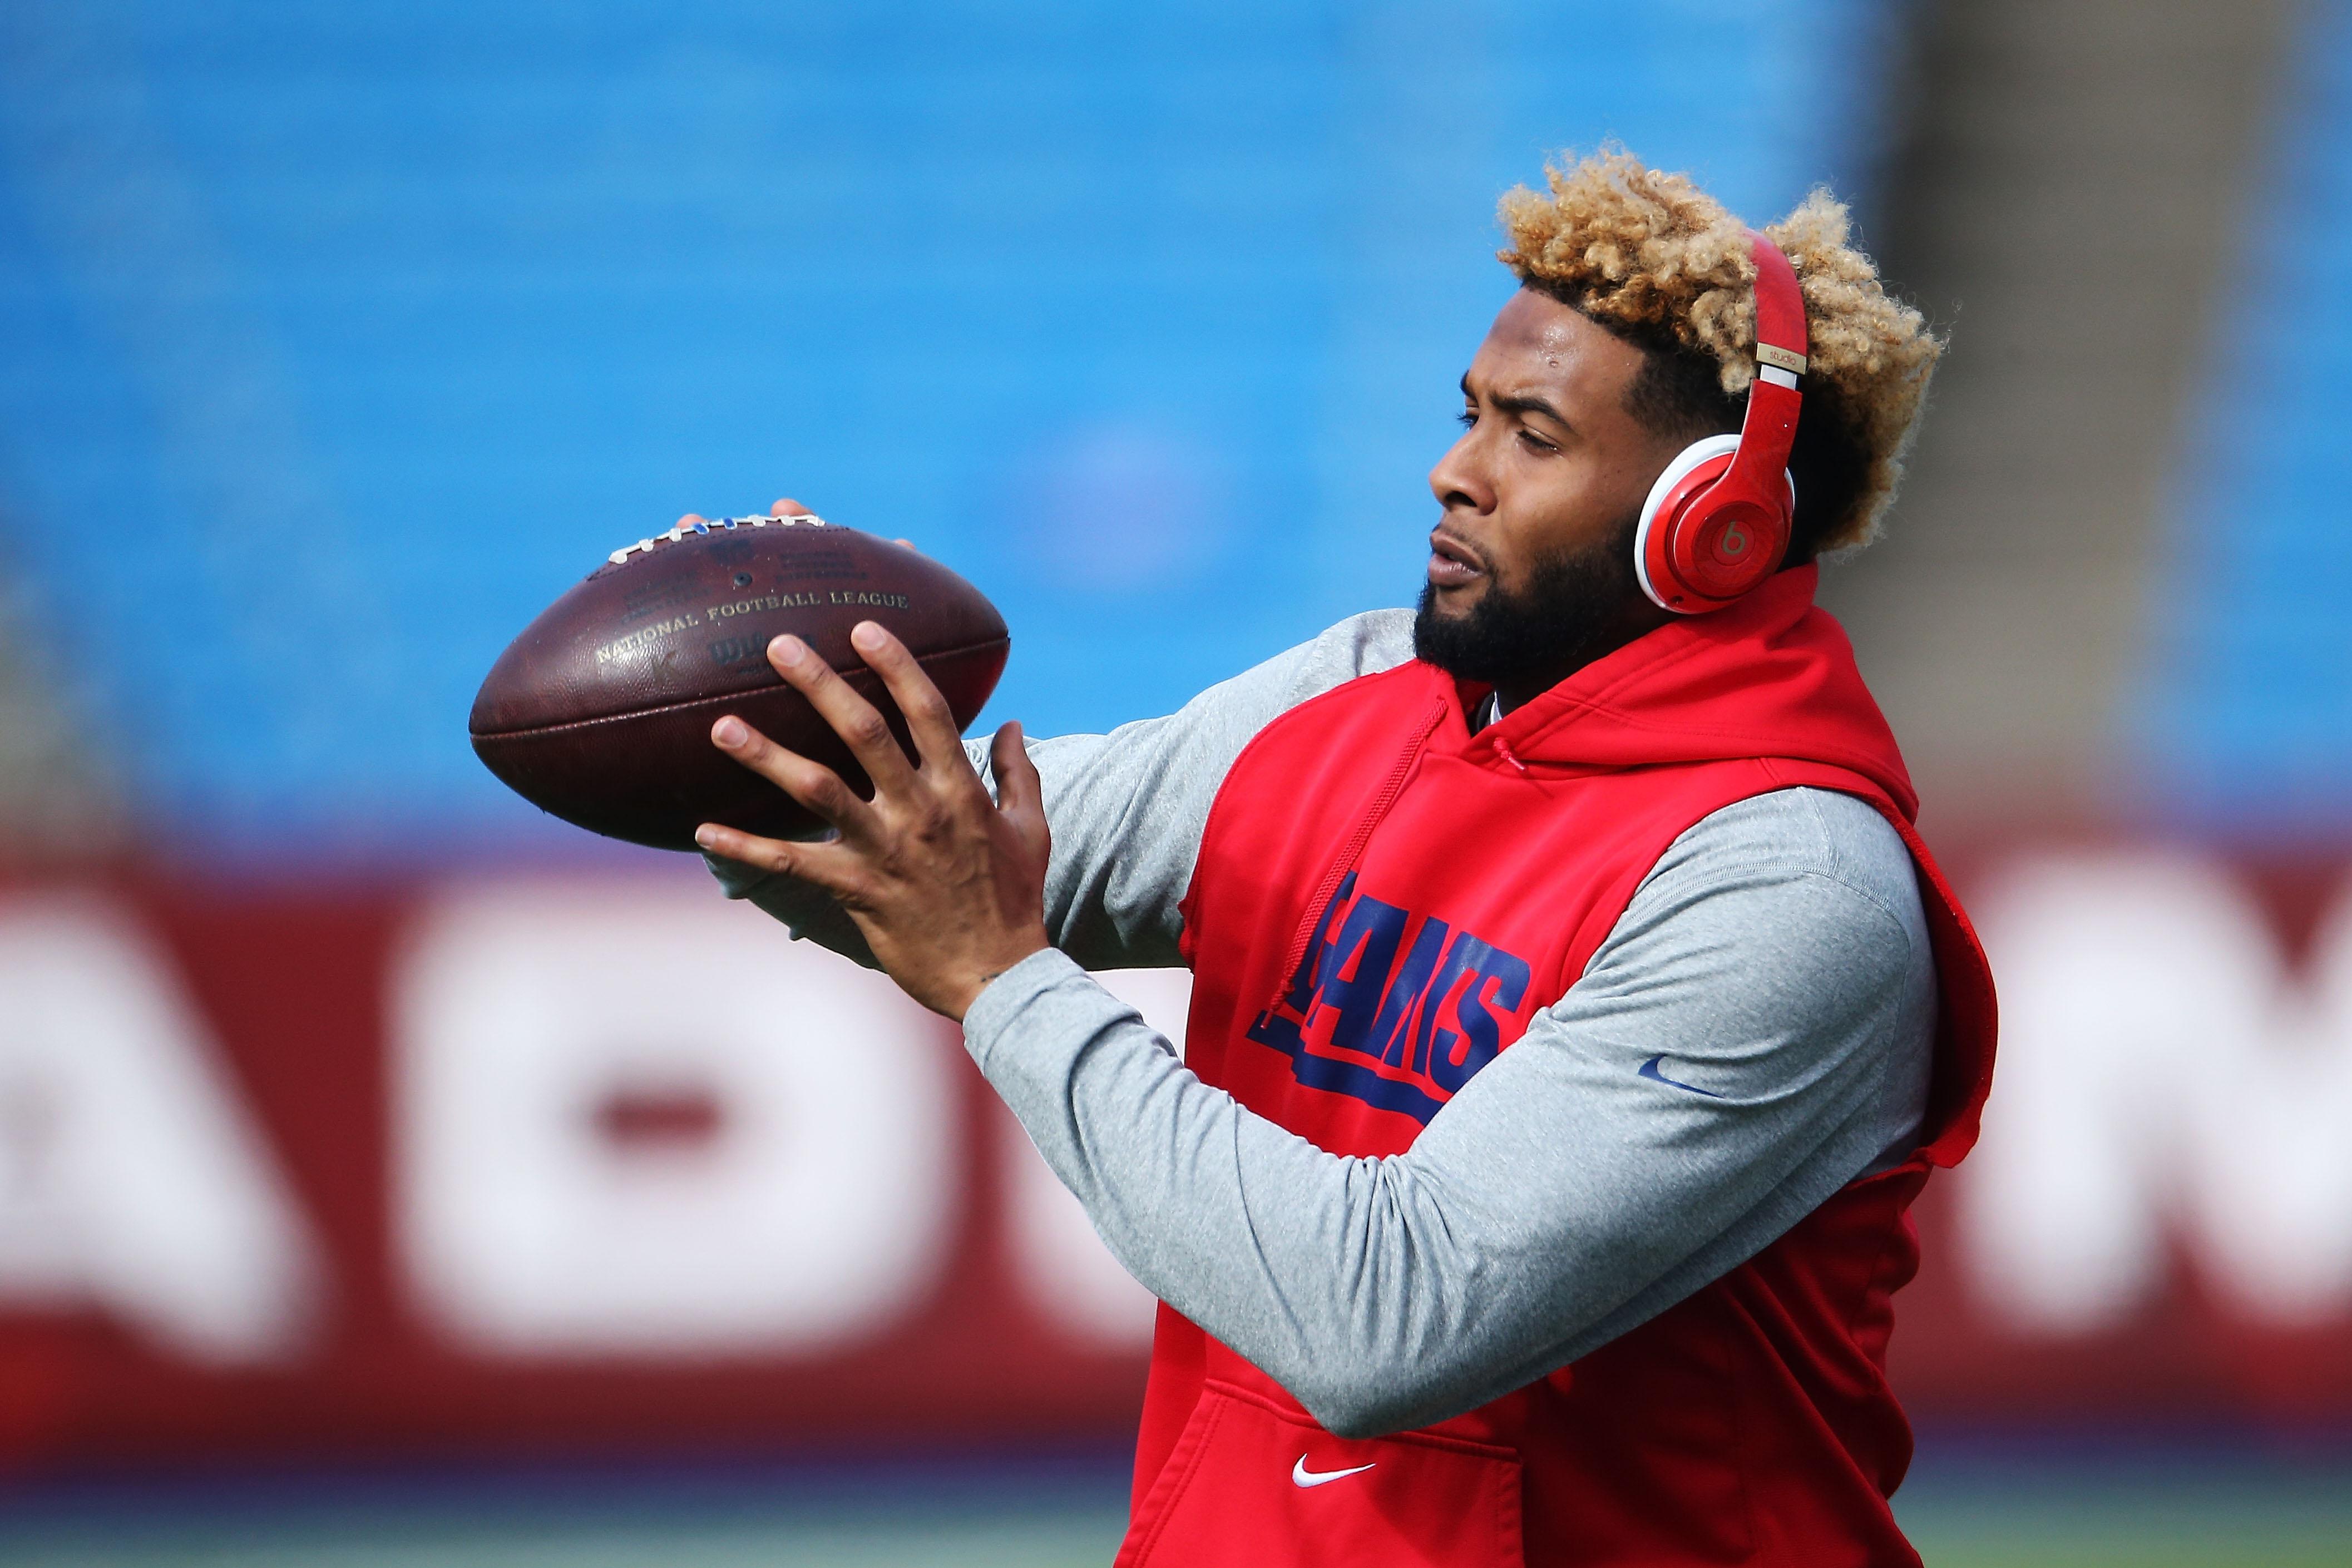 Odell Beckham Jr. warming up for Giants-Bills